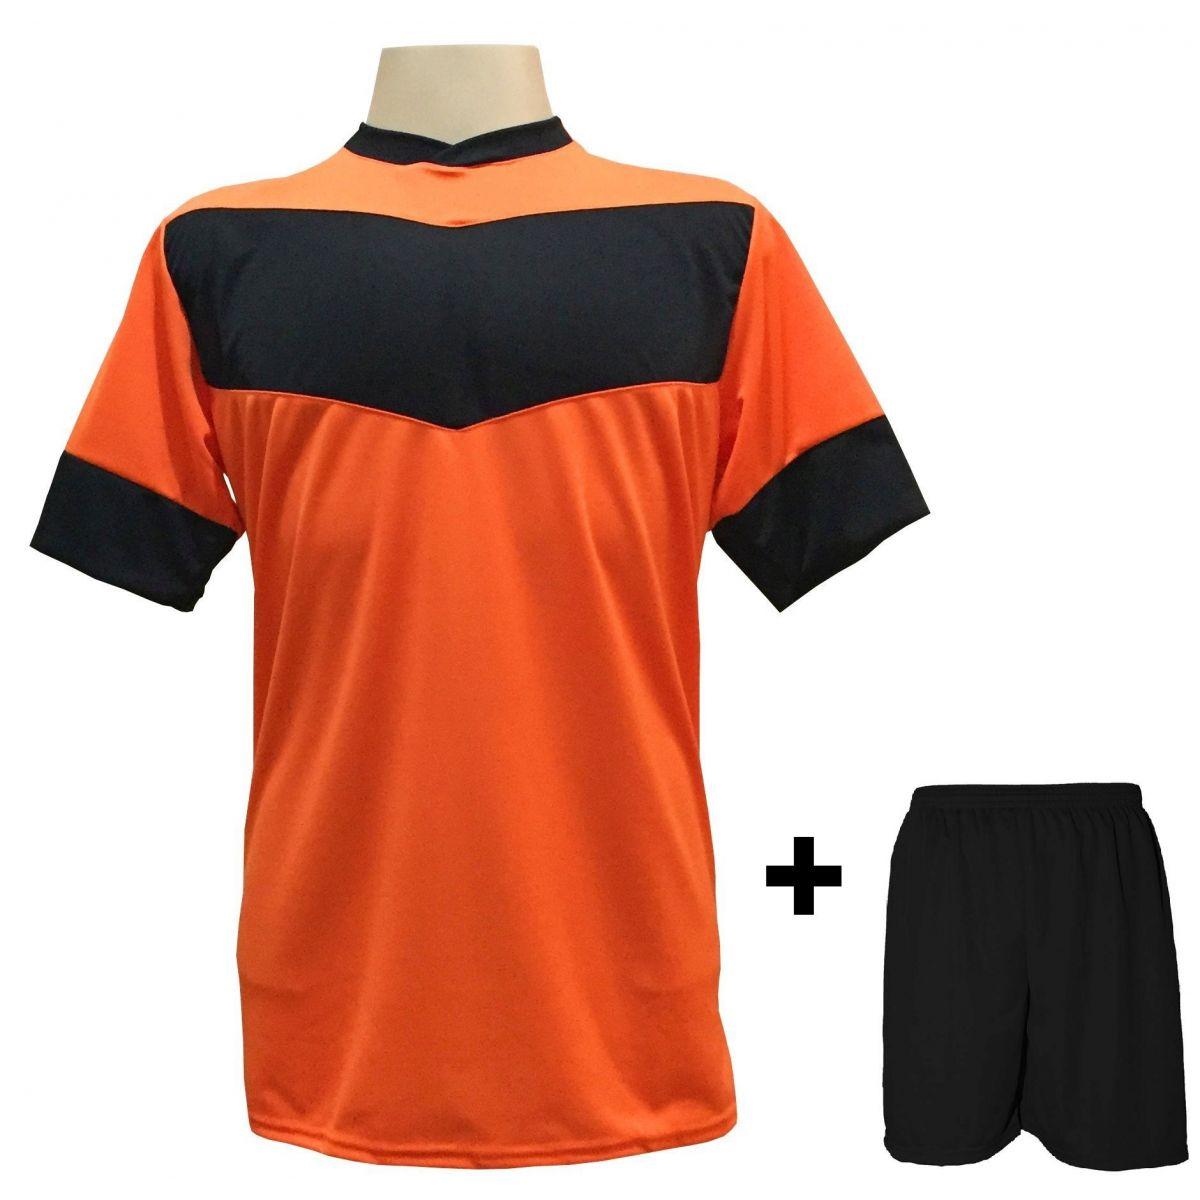 Uniforme Esportivo com 18 camisas modelo Columbus Laranja/Preto + 18 calções modelo Madrid Preto + Brindes